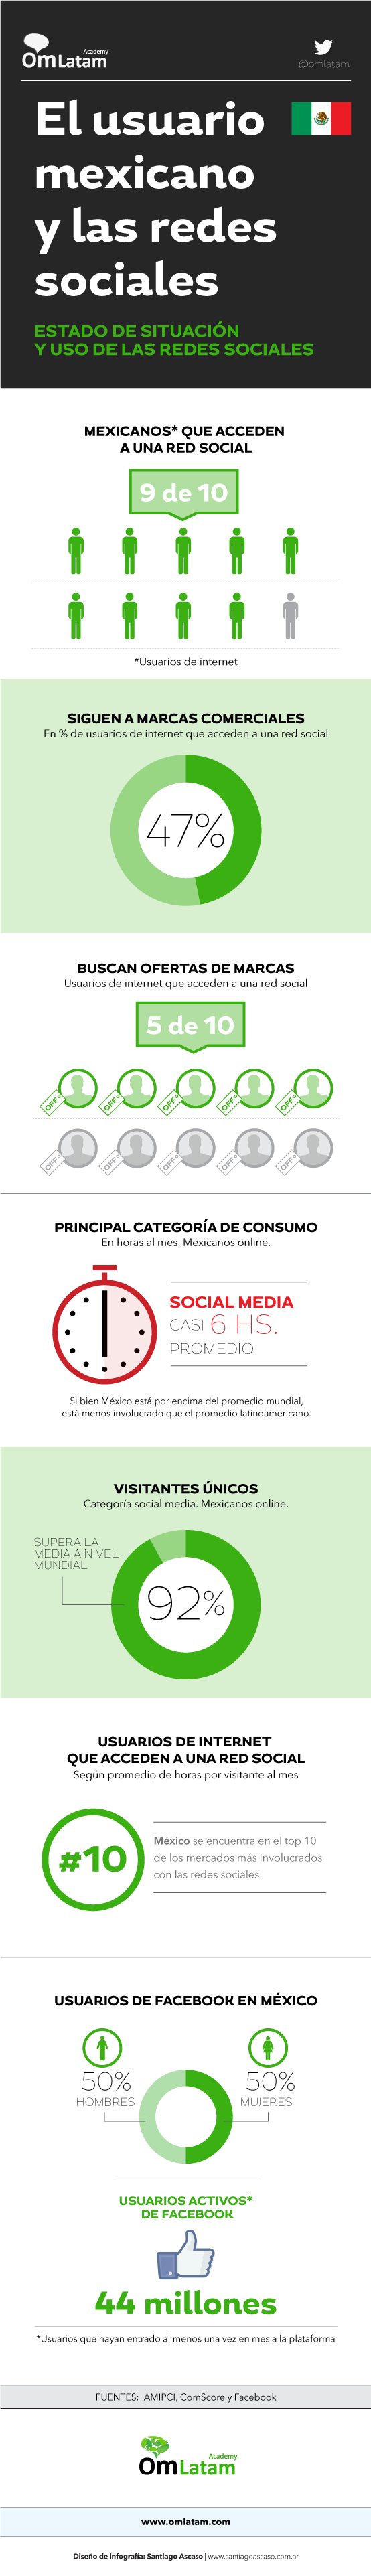 Info_Social_Media_Mexico_px (3)